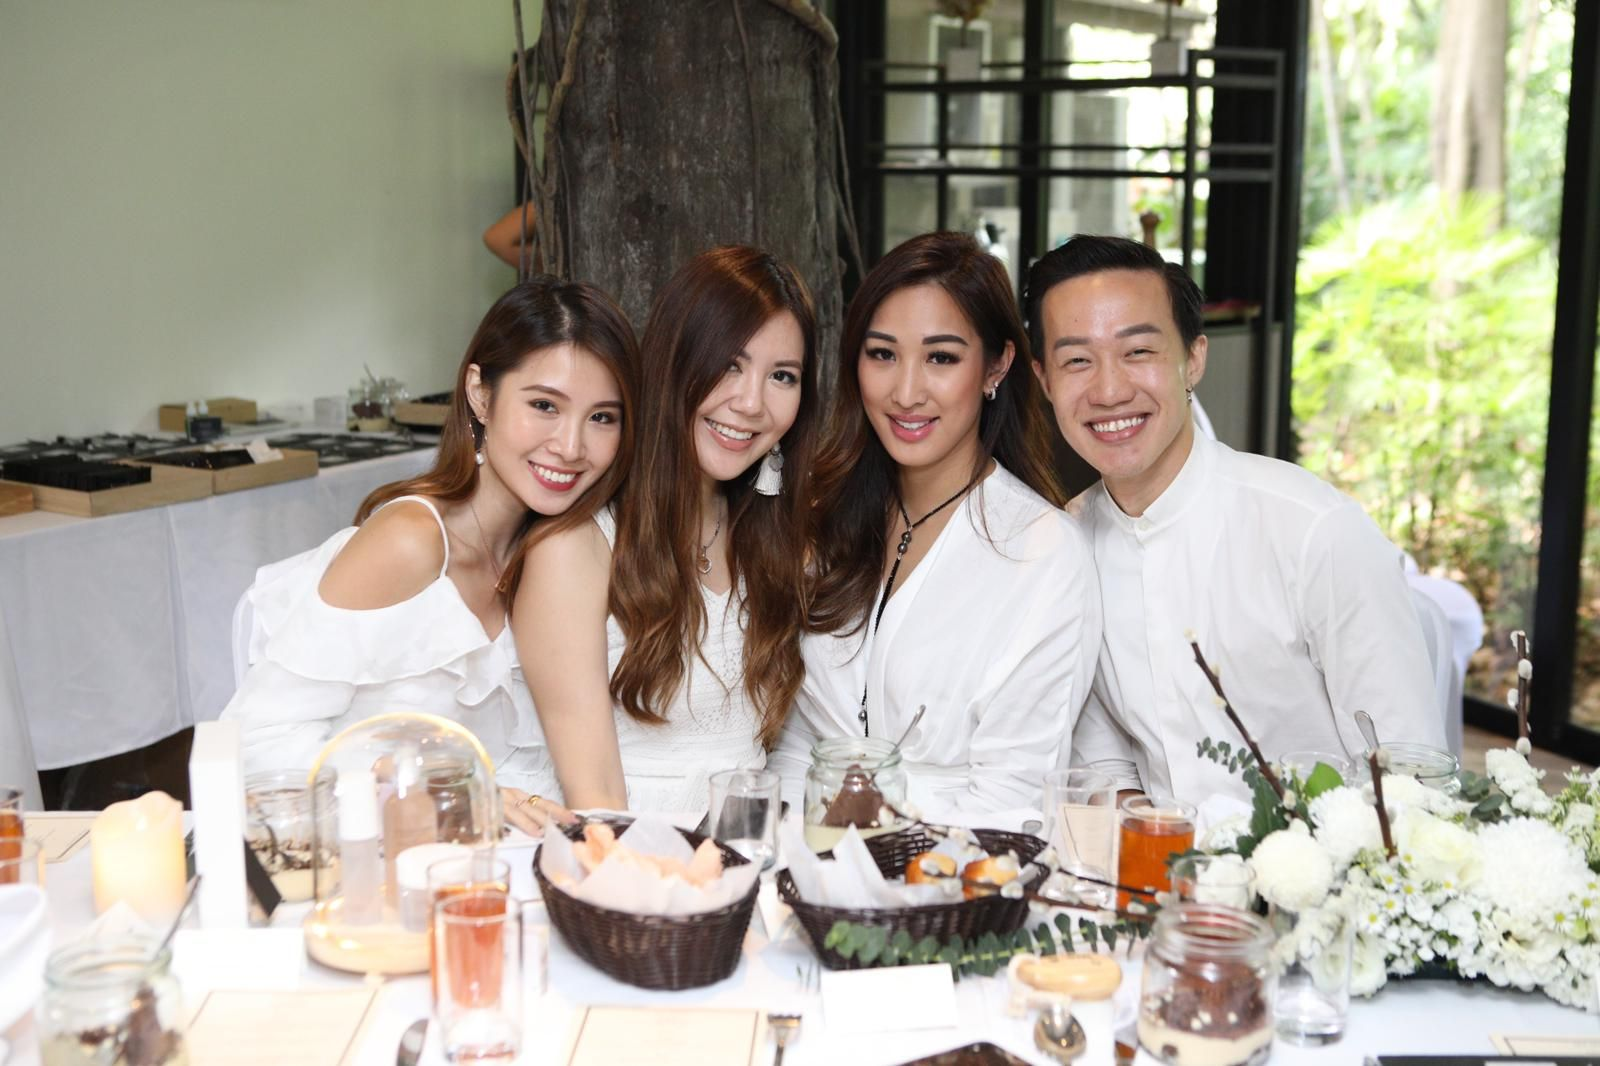 Francesca Tan, Daphne Wee, Queenie Lee, Brandon Chong